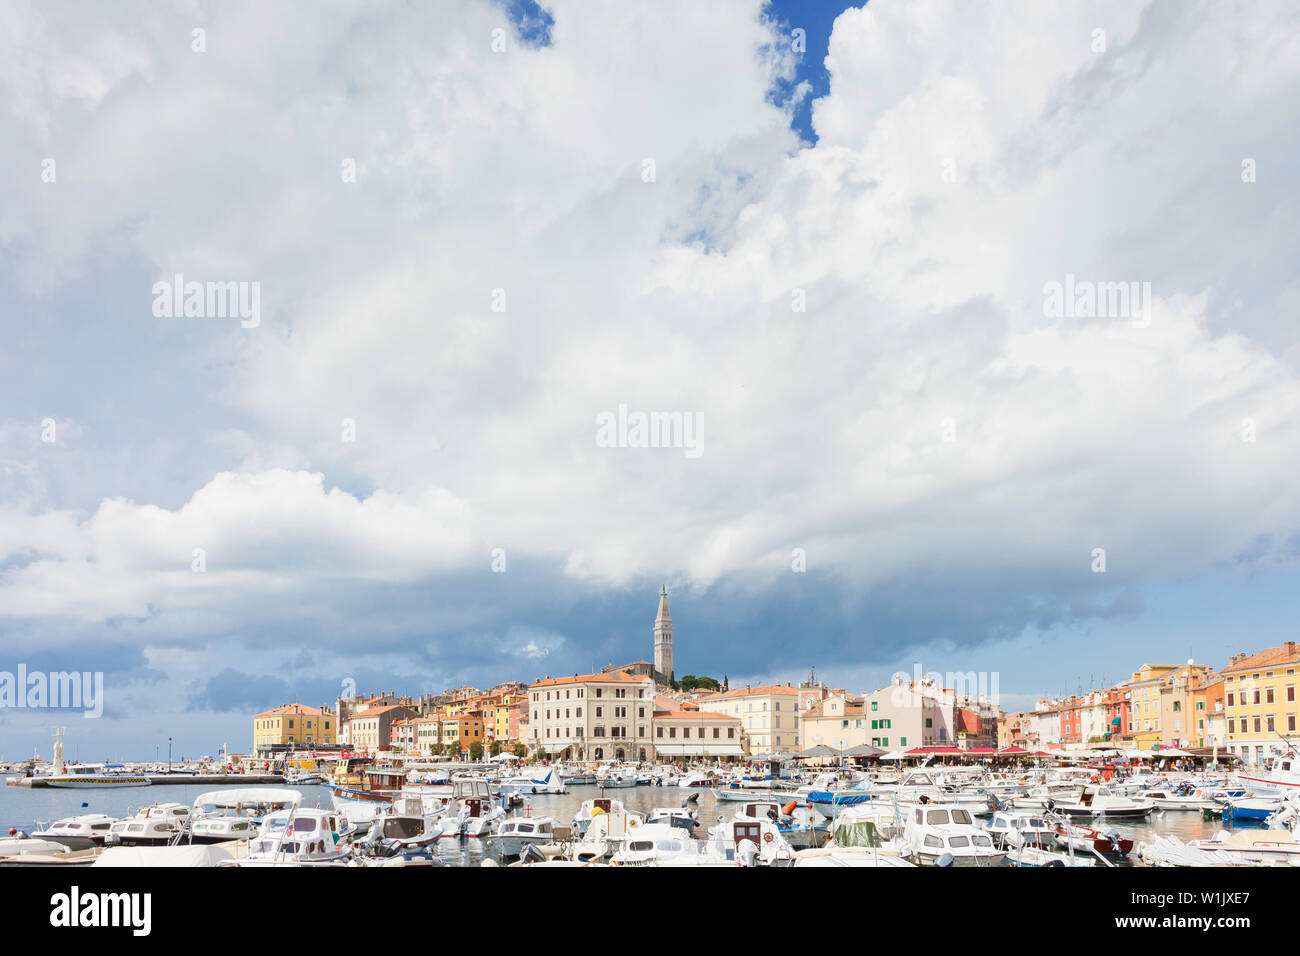 Rovinj, Kroatien, Europa - September 2, 2017 - eine Menge Motorboote am Hafen von Rovinj Stockfoto